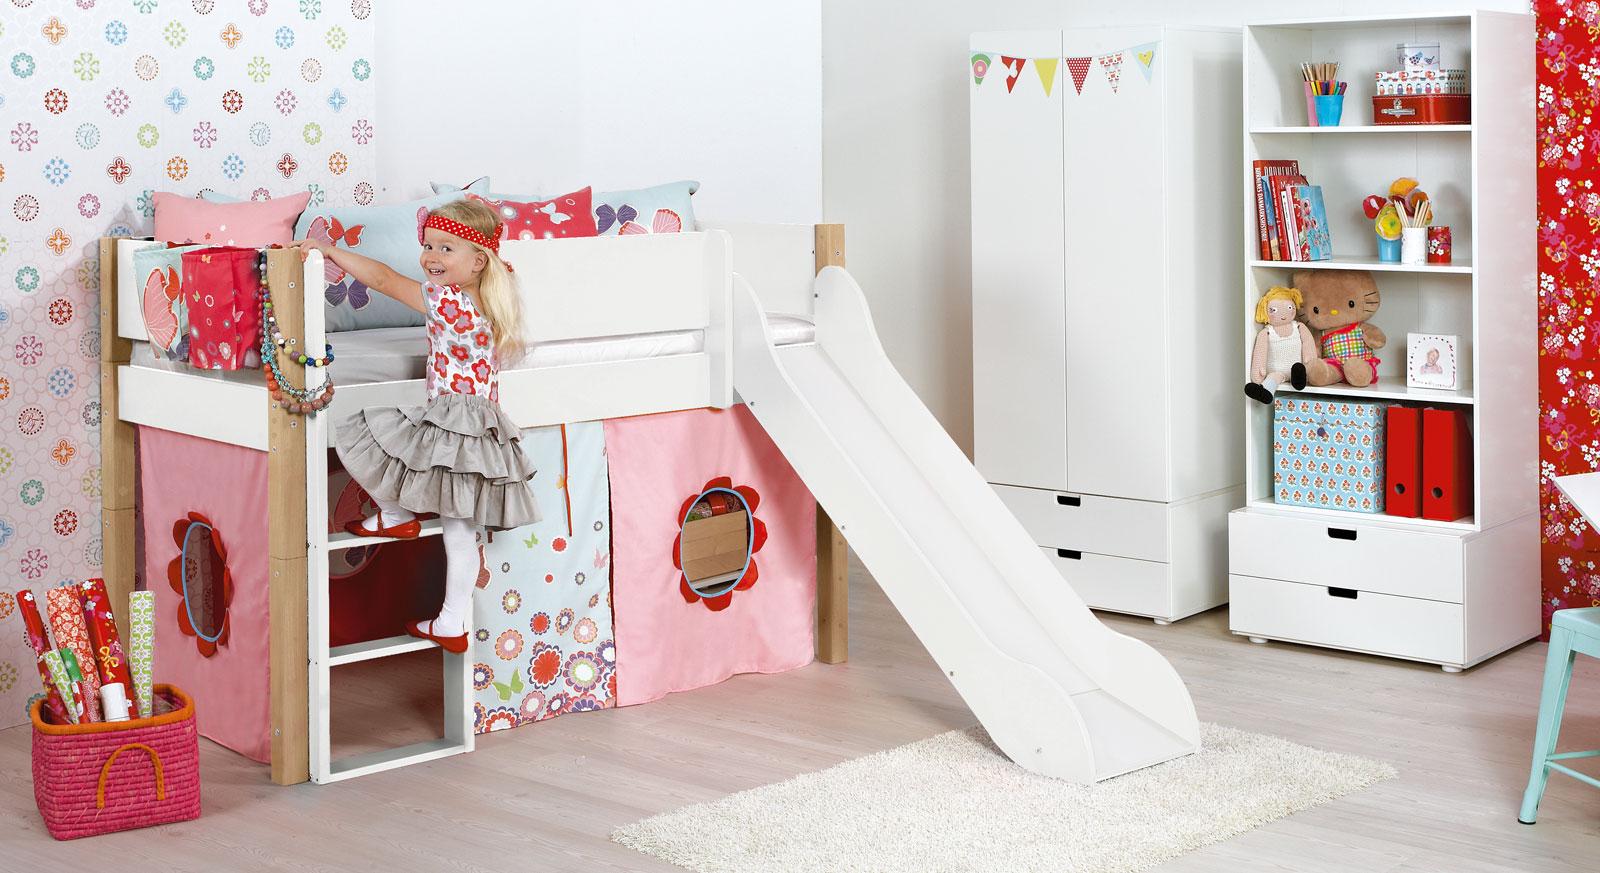 Niedriges hochbett mit rutsche absturzsicherung kids town for Niedriges hochbett